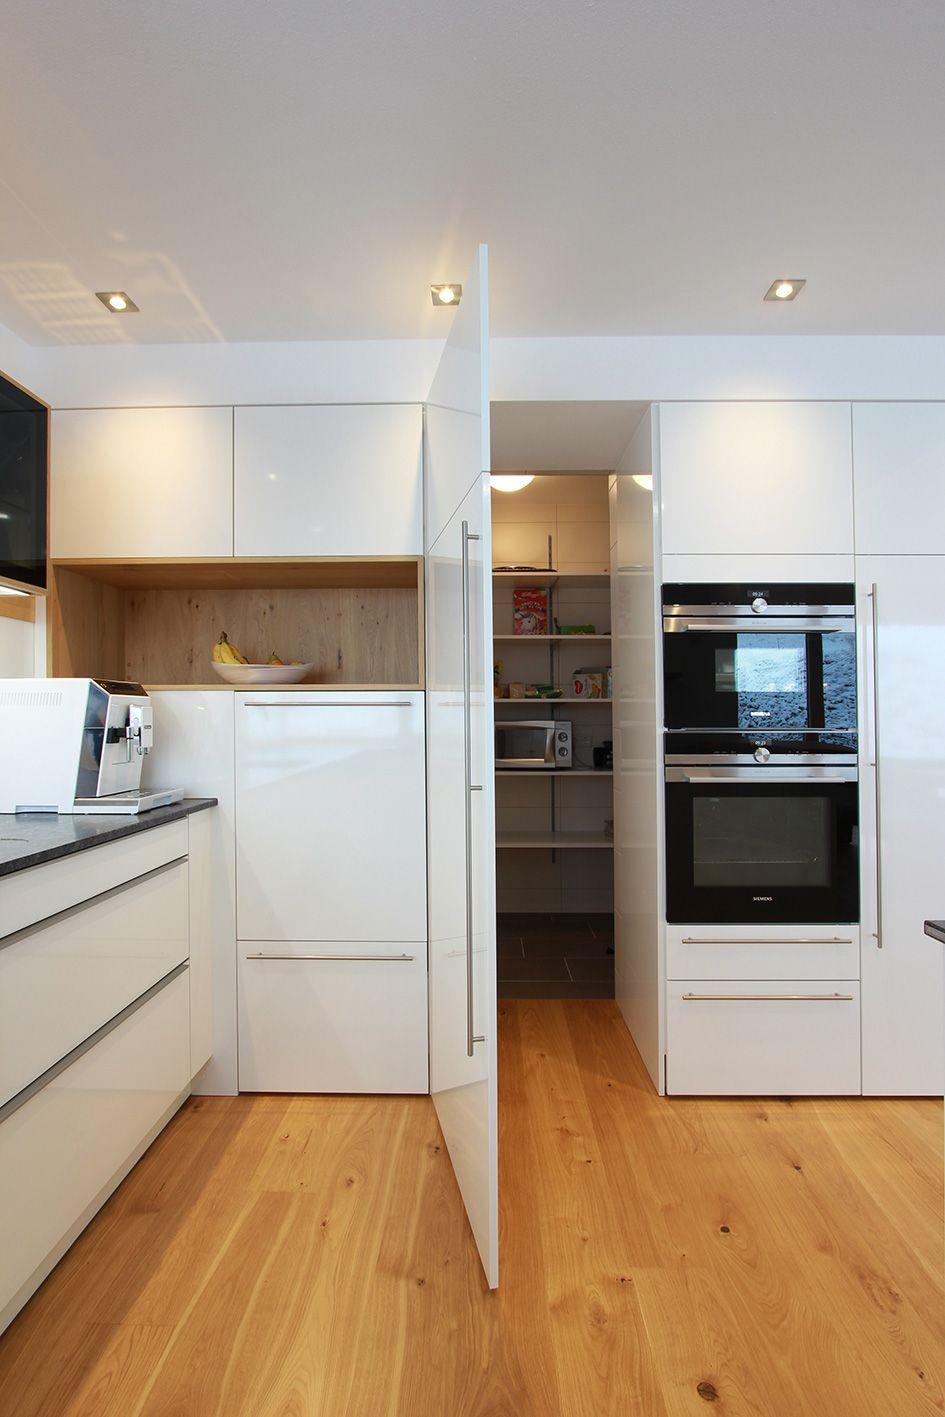 Pin Von Sandris Auf Kitchens Kuchen Fronten Kuchen Planung Haus Kuchen